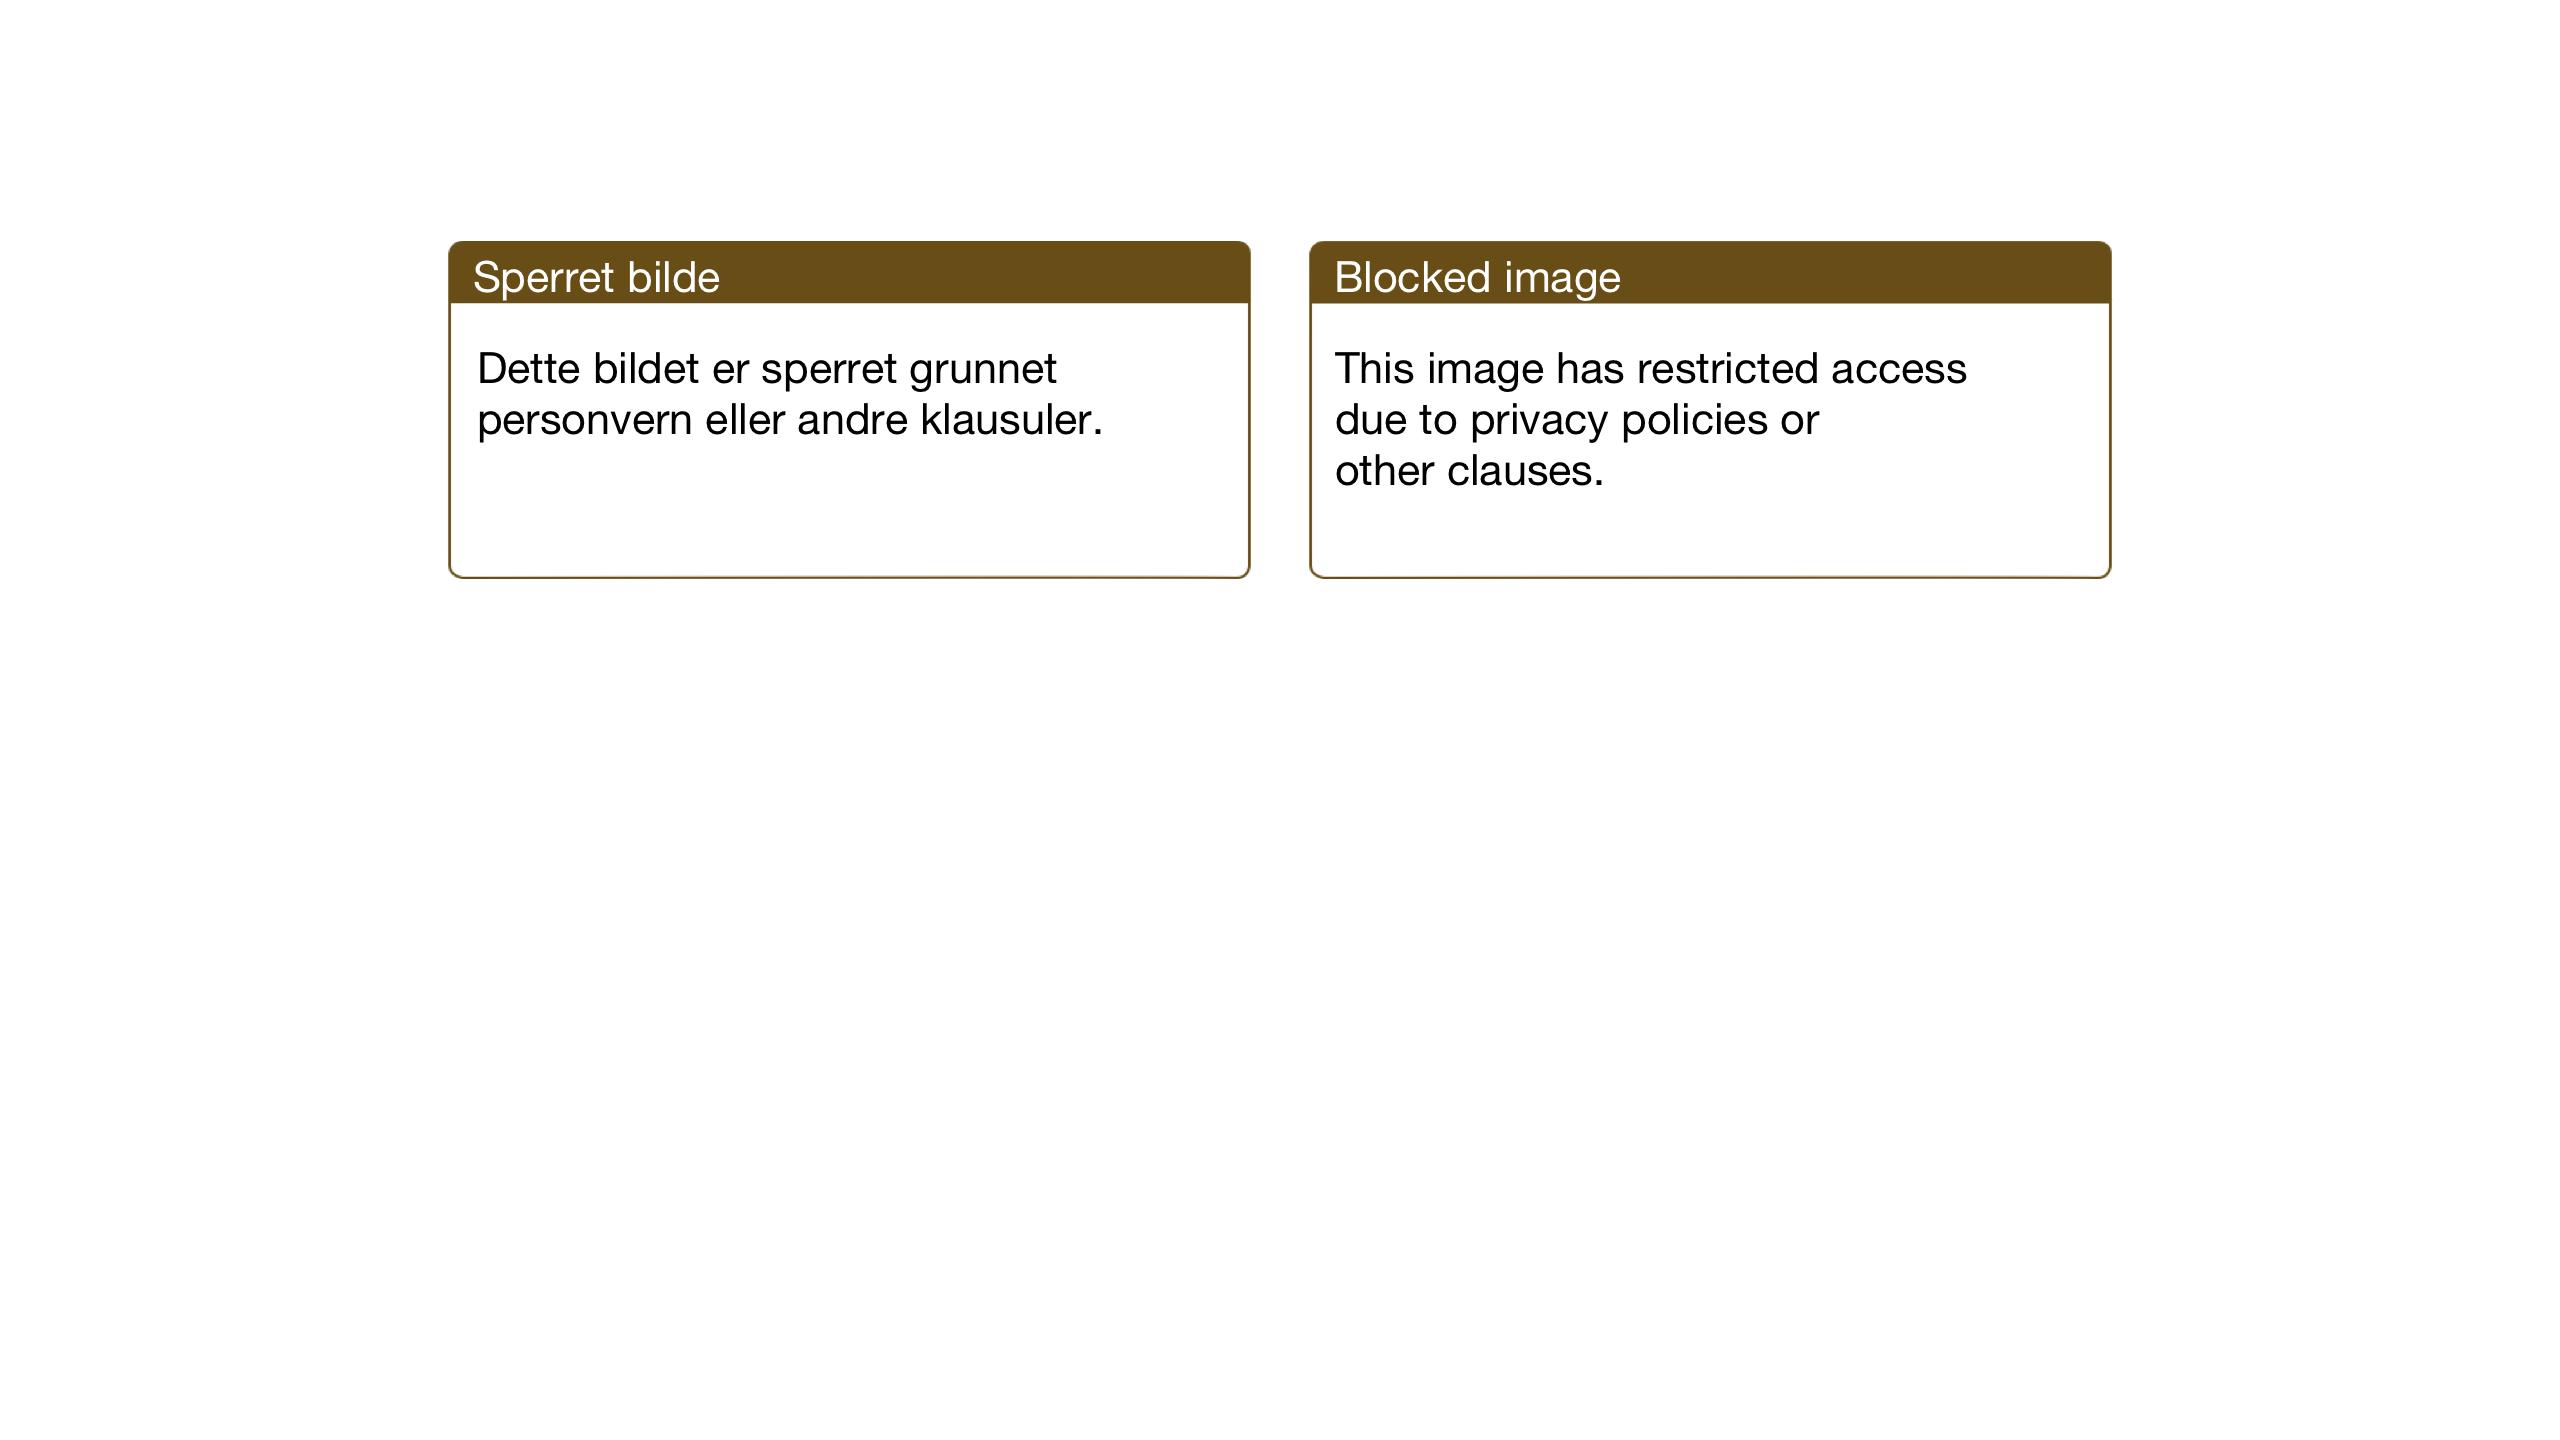 SAT, Ministerialprotokoller, klokkerbøker og fødselsregistre - Nord-Trøndelag, 710/L0097: Klokkerbok nr. 710C02, 1925-1955, s. 102